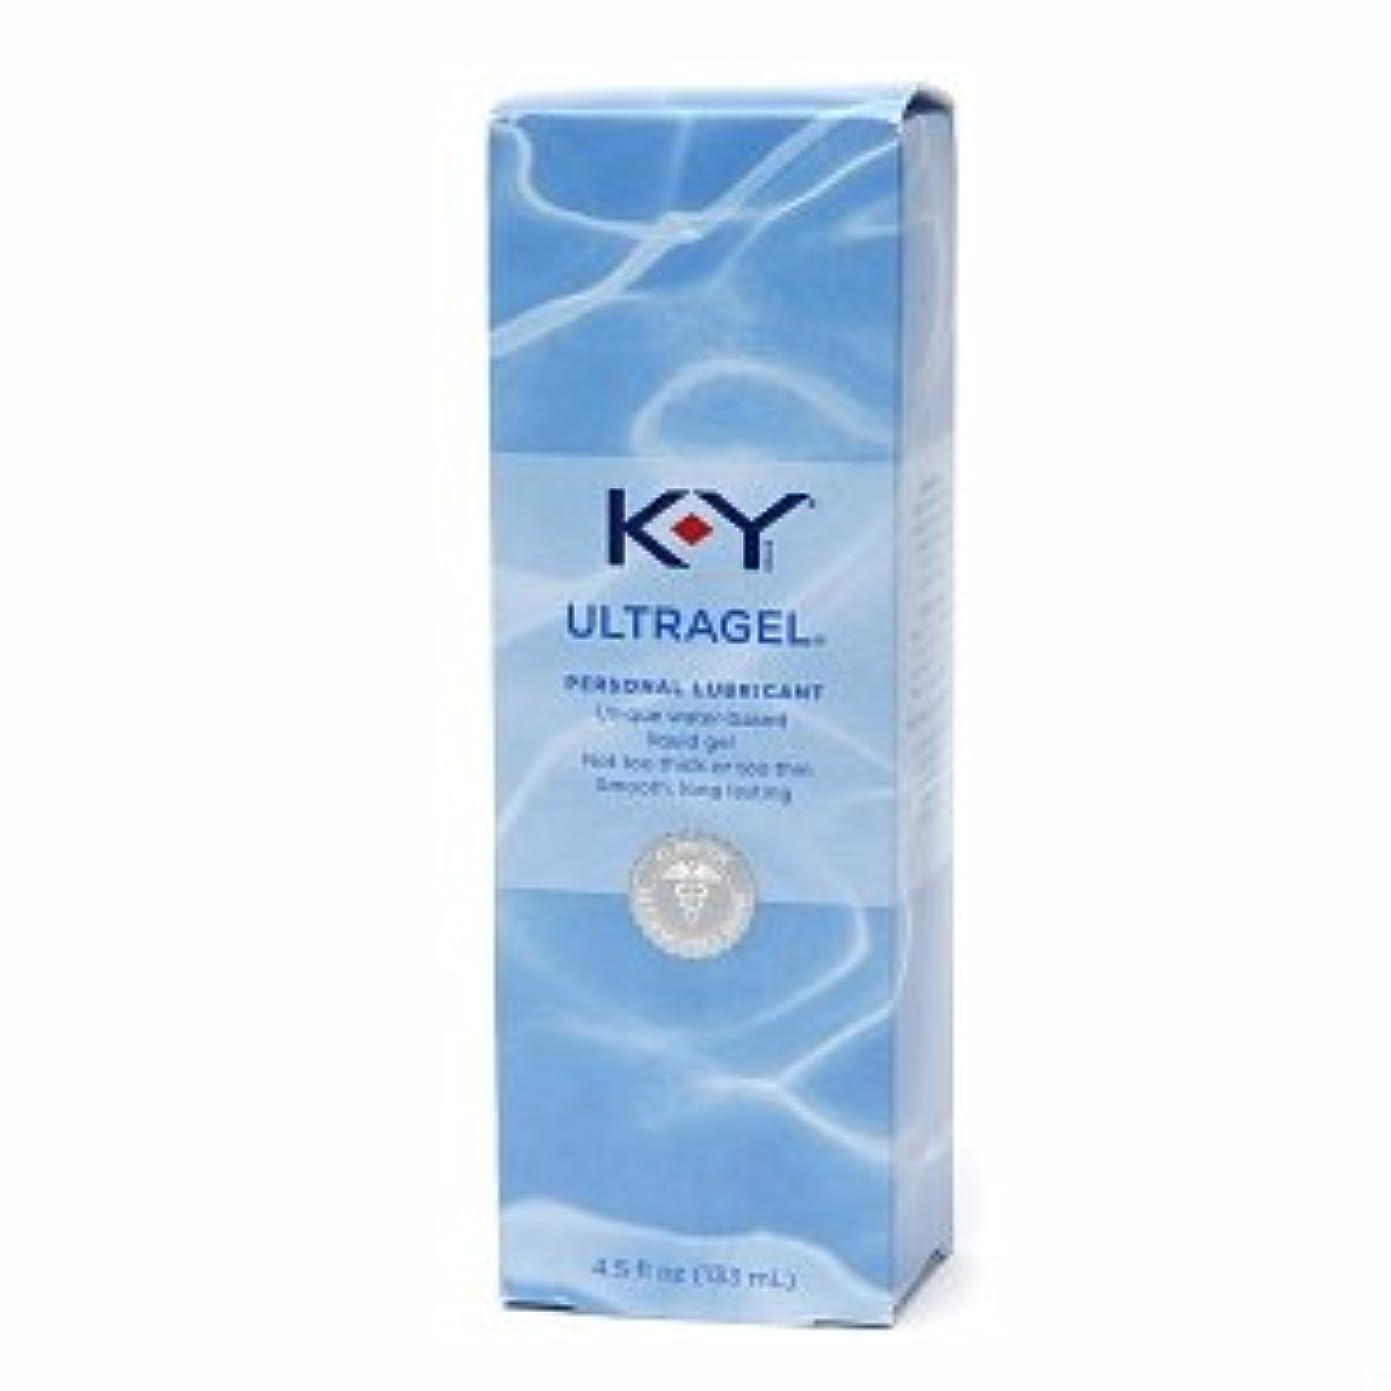 尊厳豊富に電気の074 不感症で濡れにくい方へ【高級潤滑剤 KYゼリー】 水溶性の潤滑ジェル42g 海外直送品